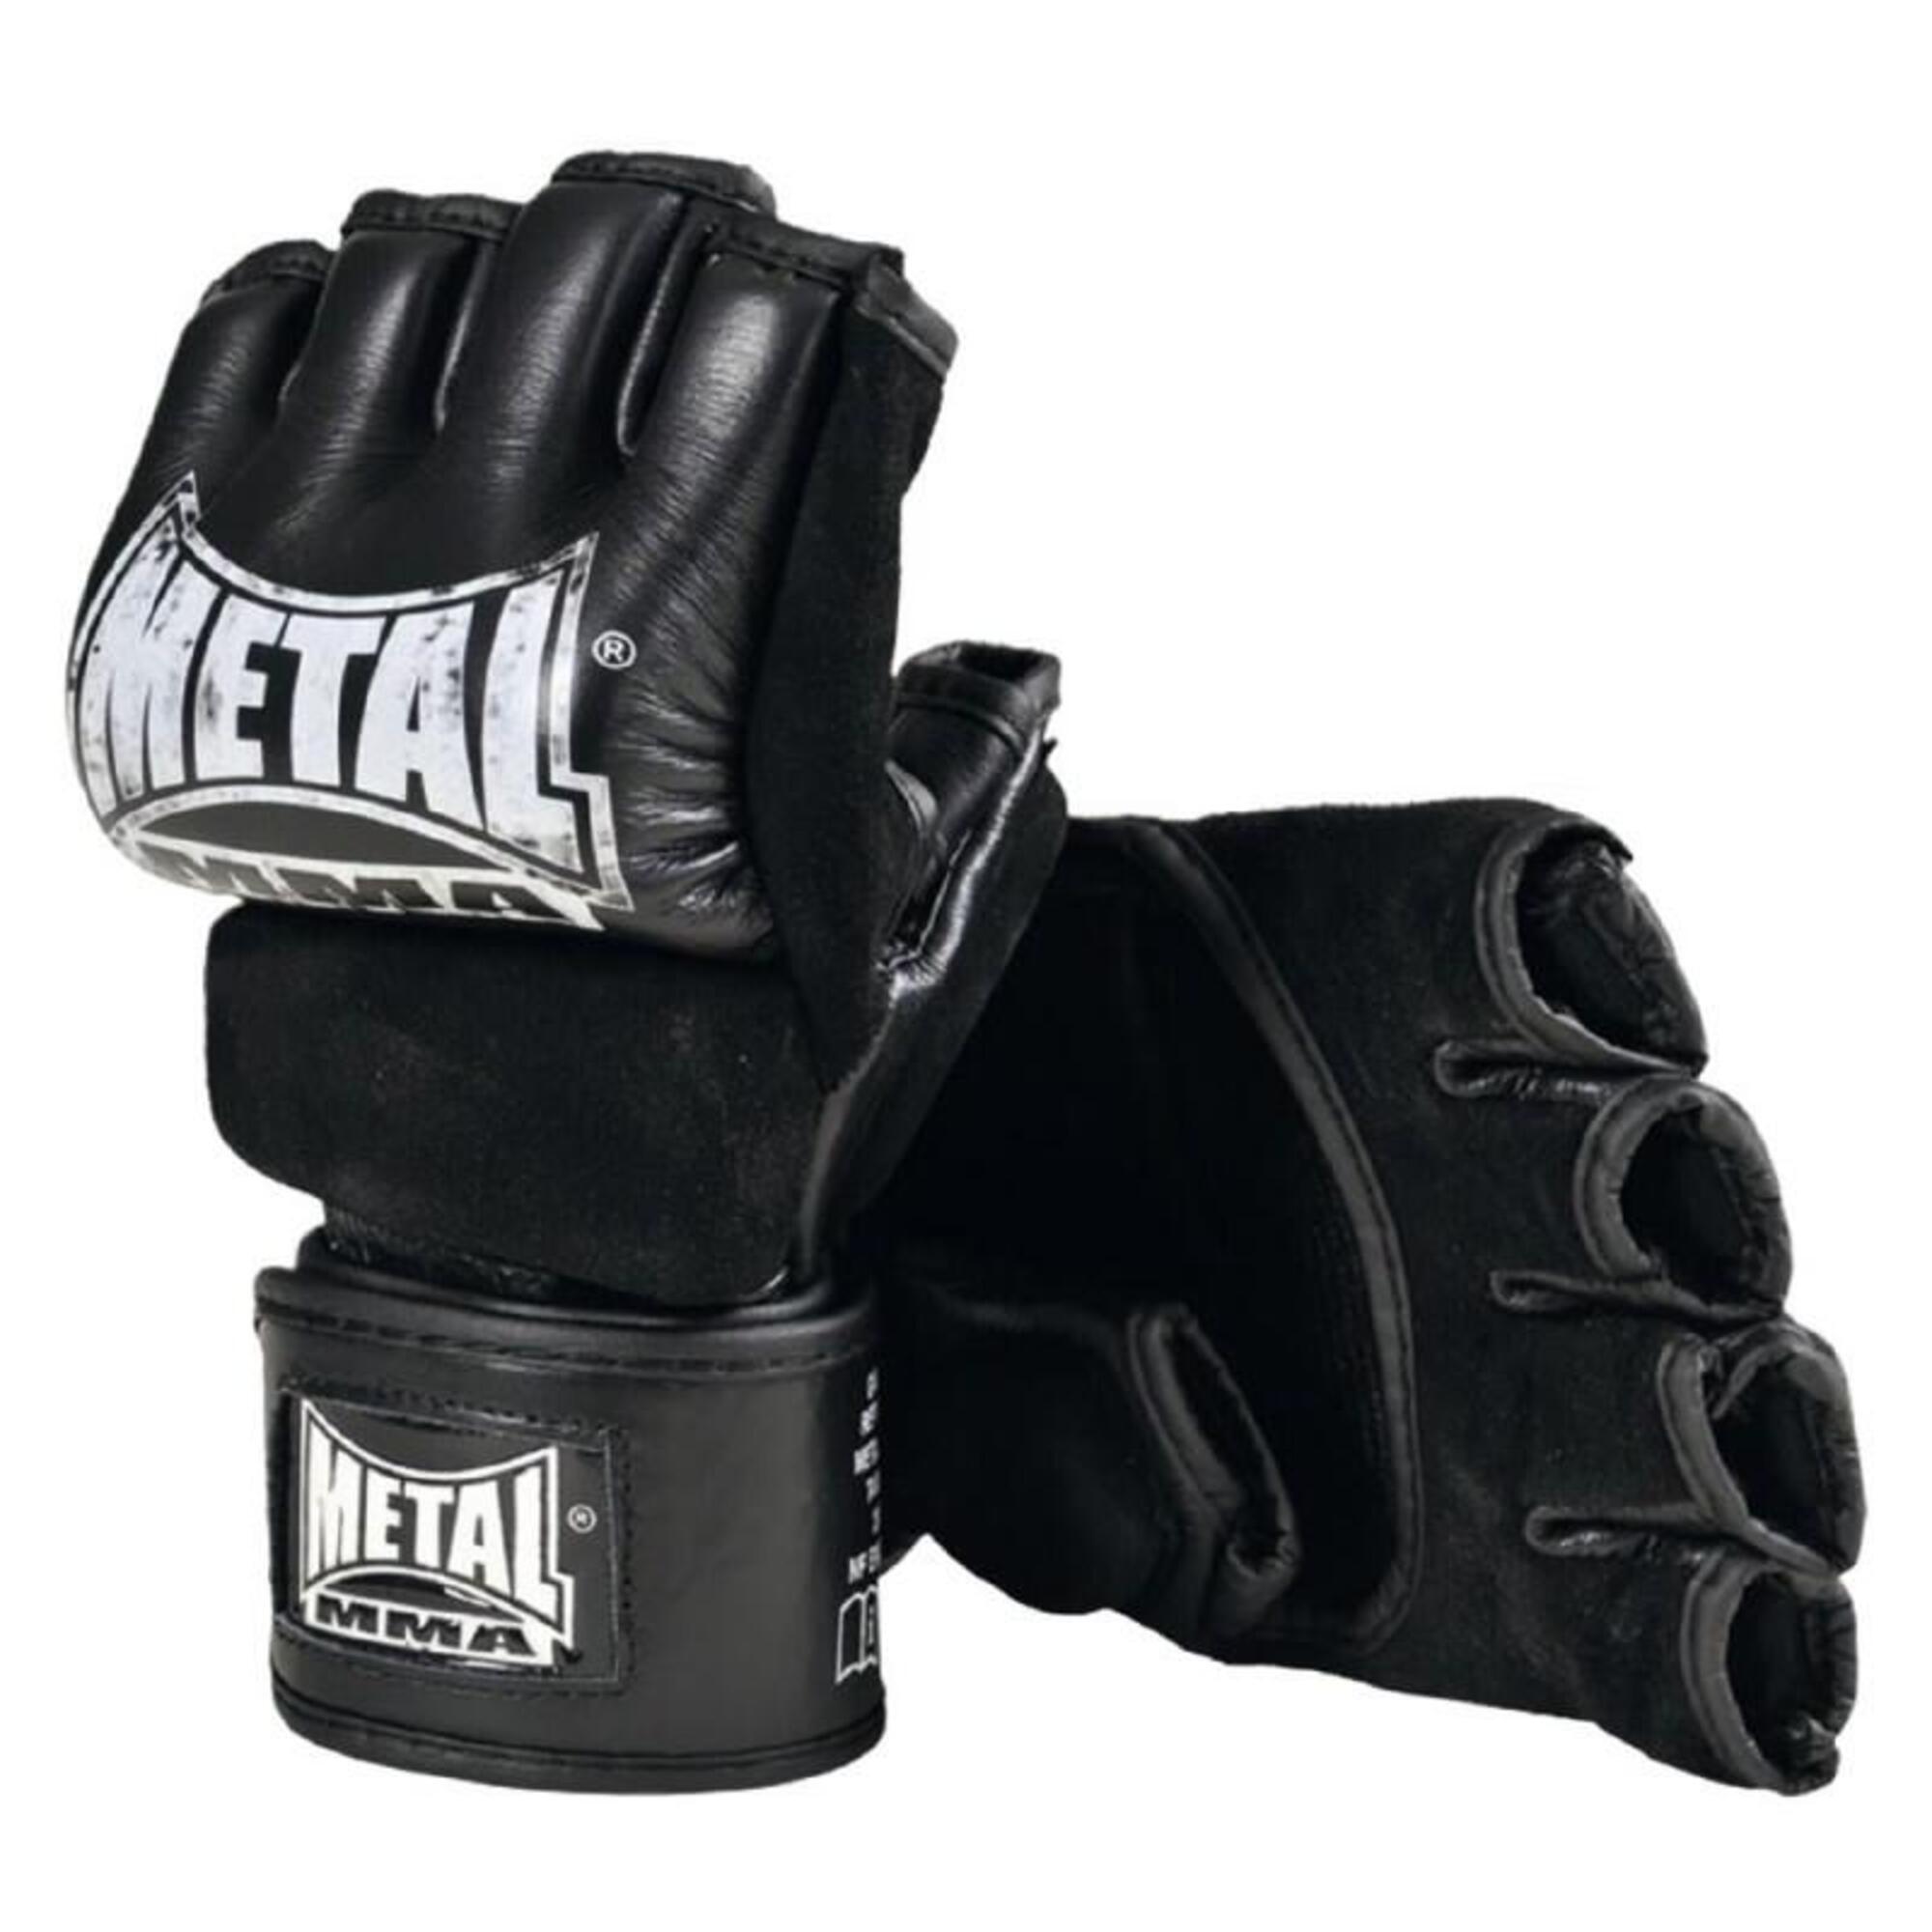 Mitaines / Gants MMA Combat Libre avec pouce METAL BOXE